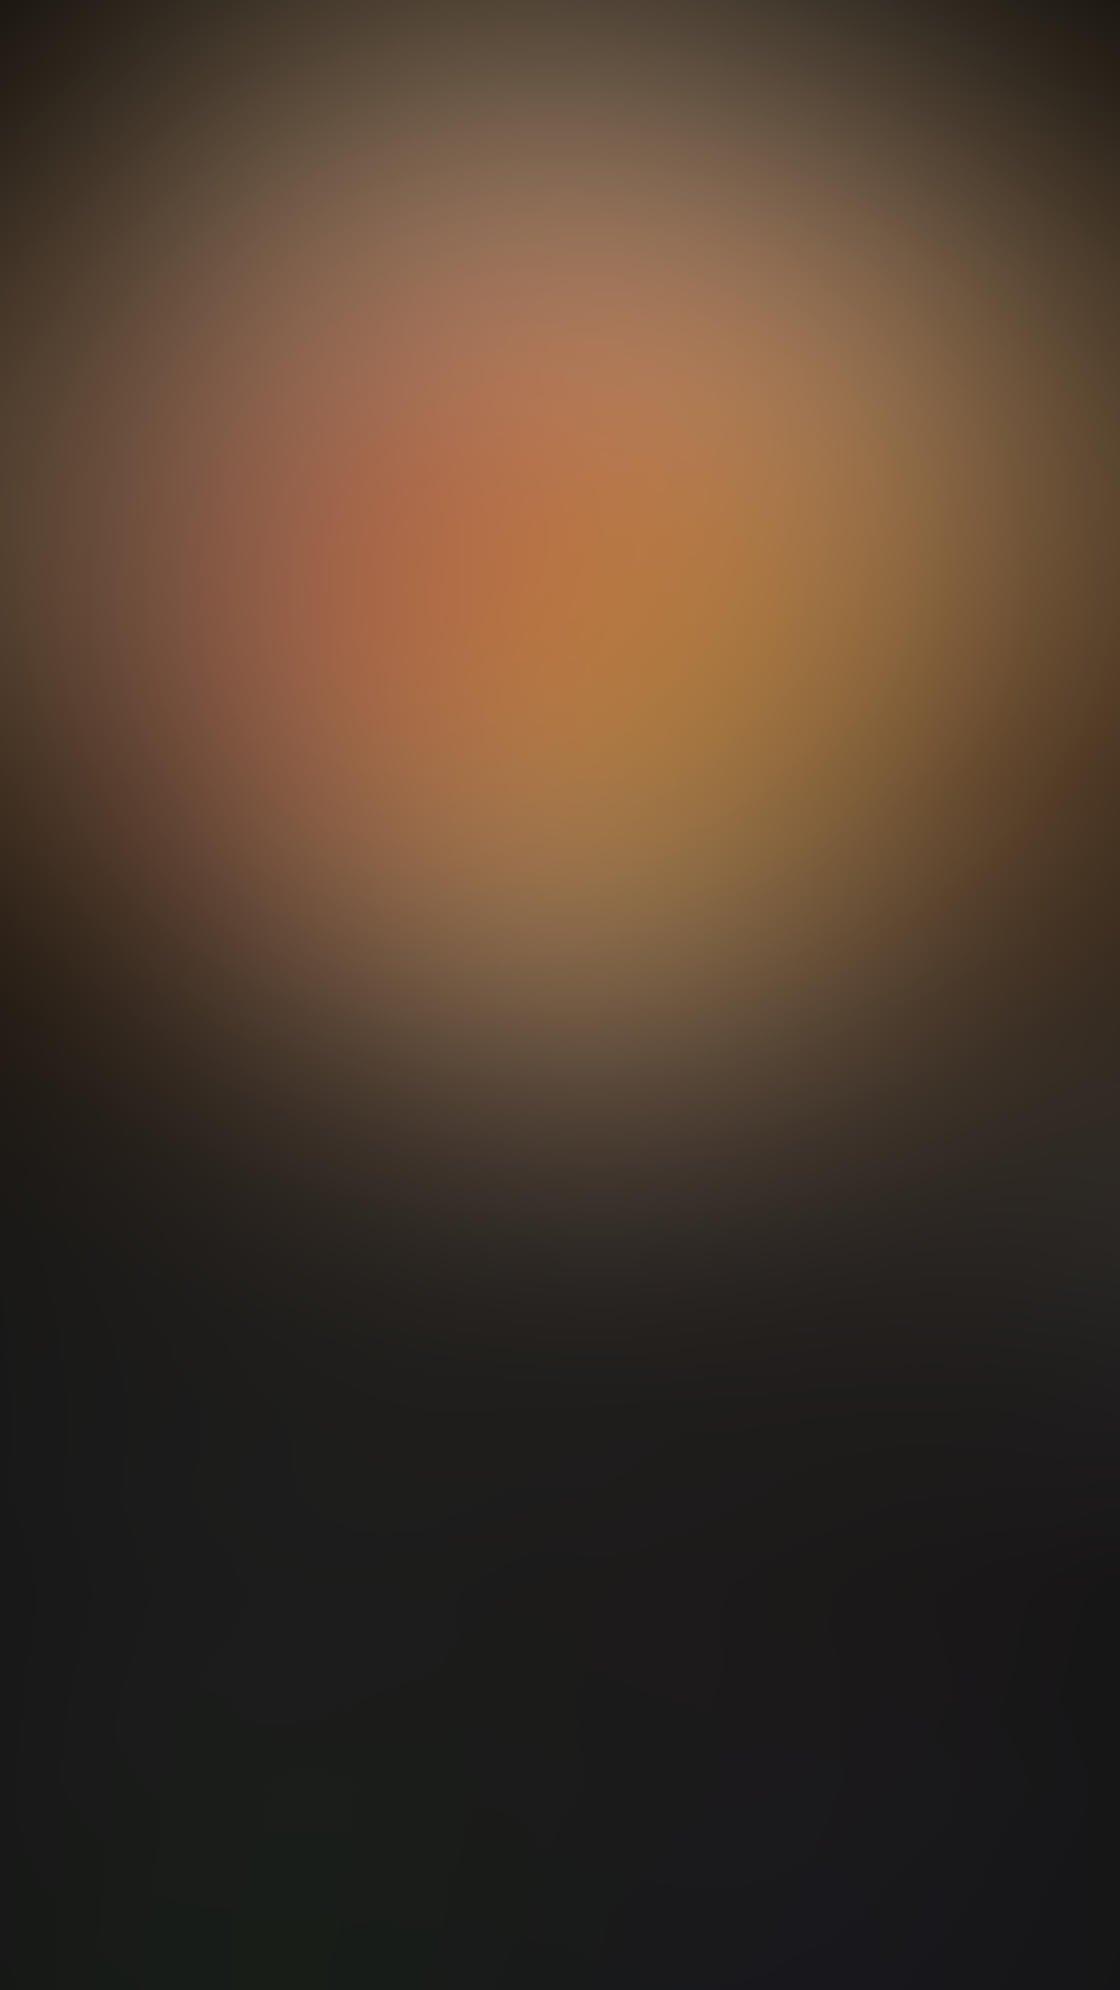 MaxCurve iPhone Photo App 5